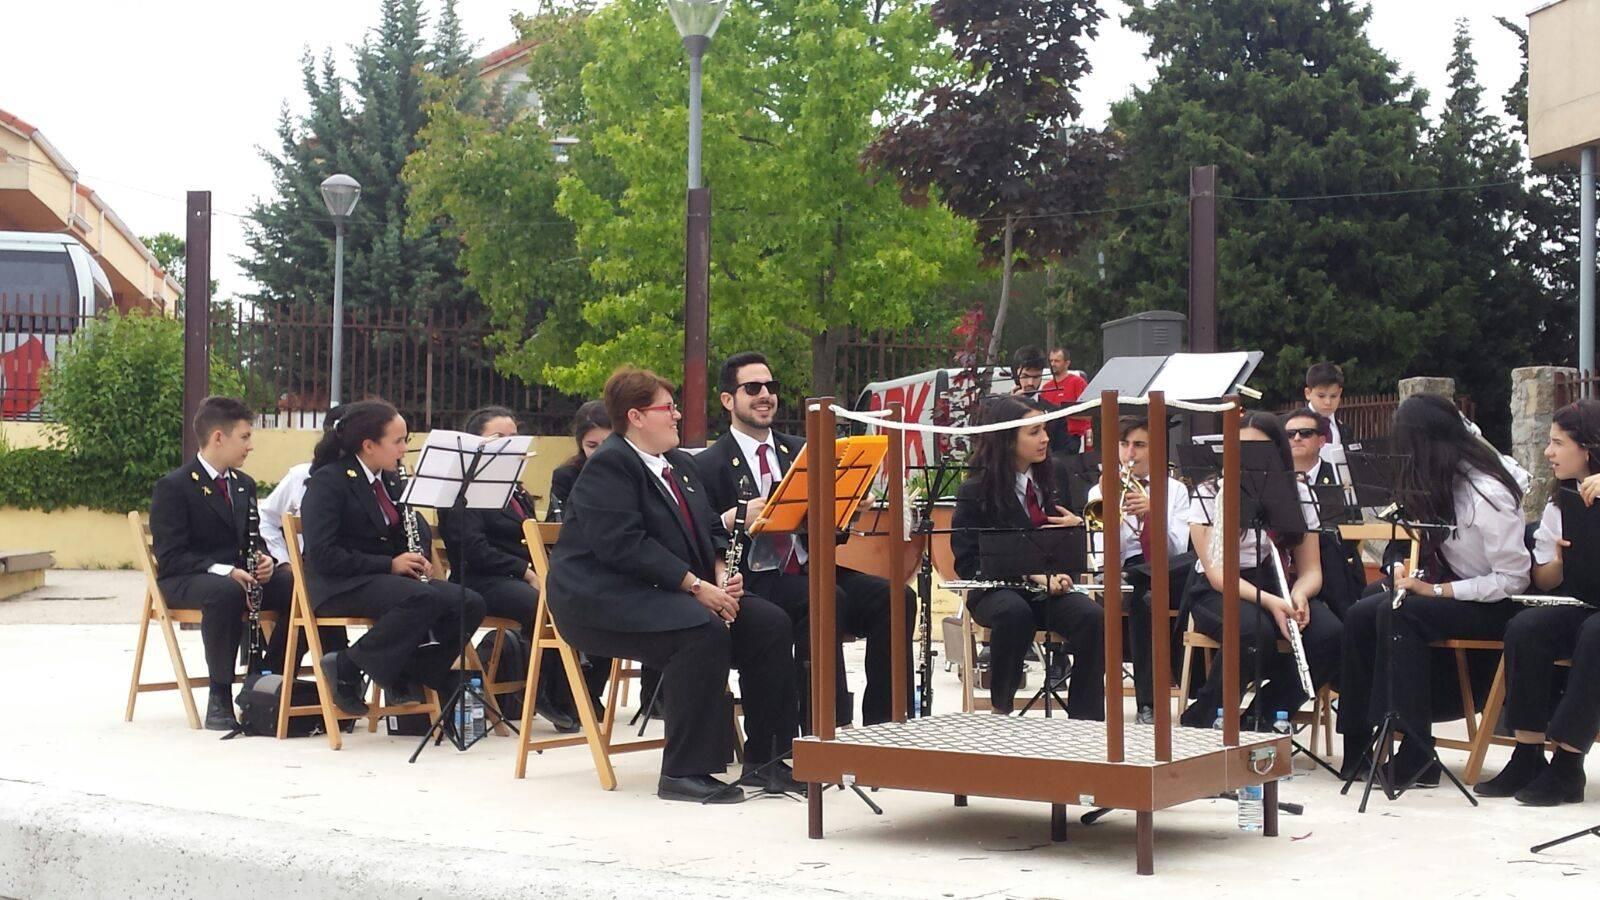 agrupacion musical santa cecilia de herencia en las Rozas - Madrid, Cuenca y Herencia acogerán varias actuaciones de la agrupación Musical Santa Cecilia